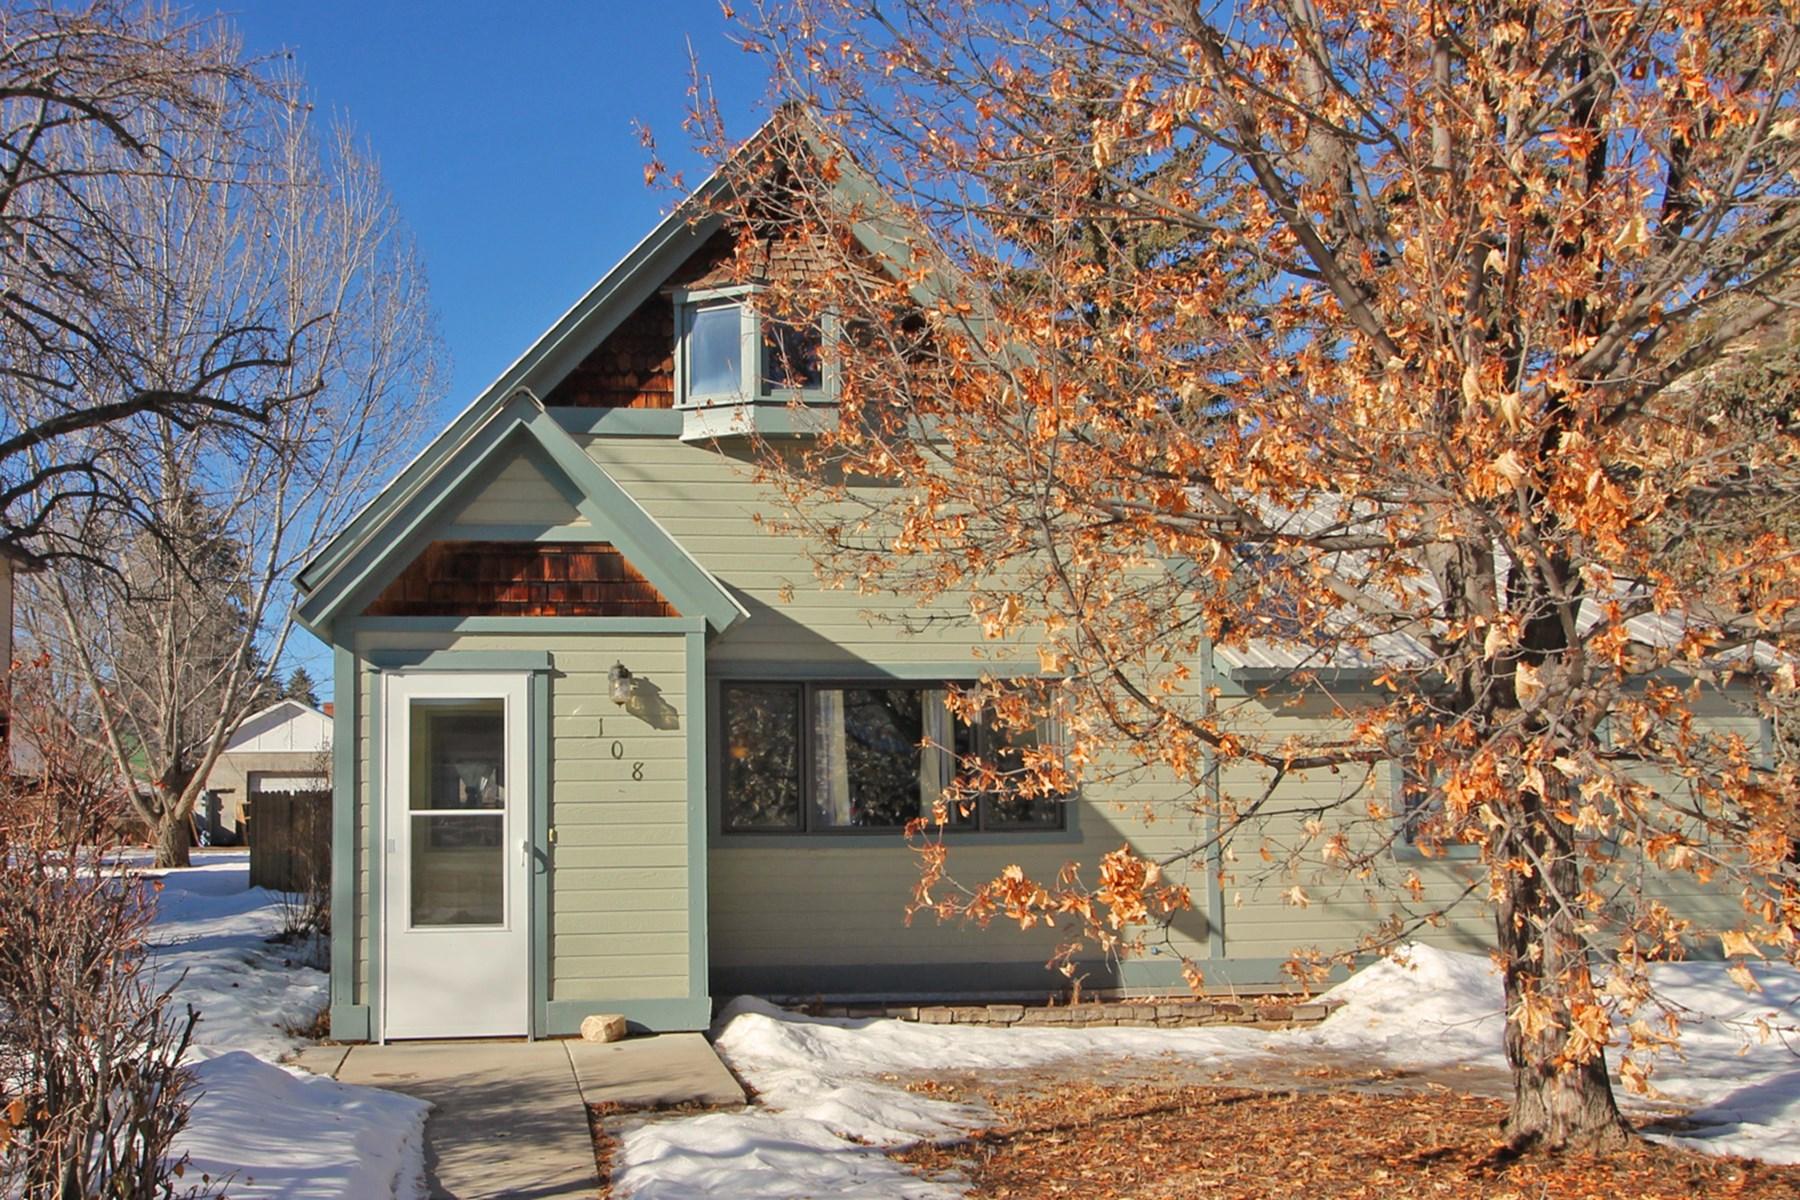 For sale 3 bedroom 1 bathroom home in Dolores, Colorado